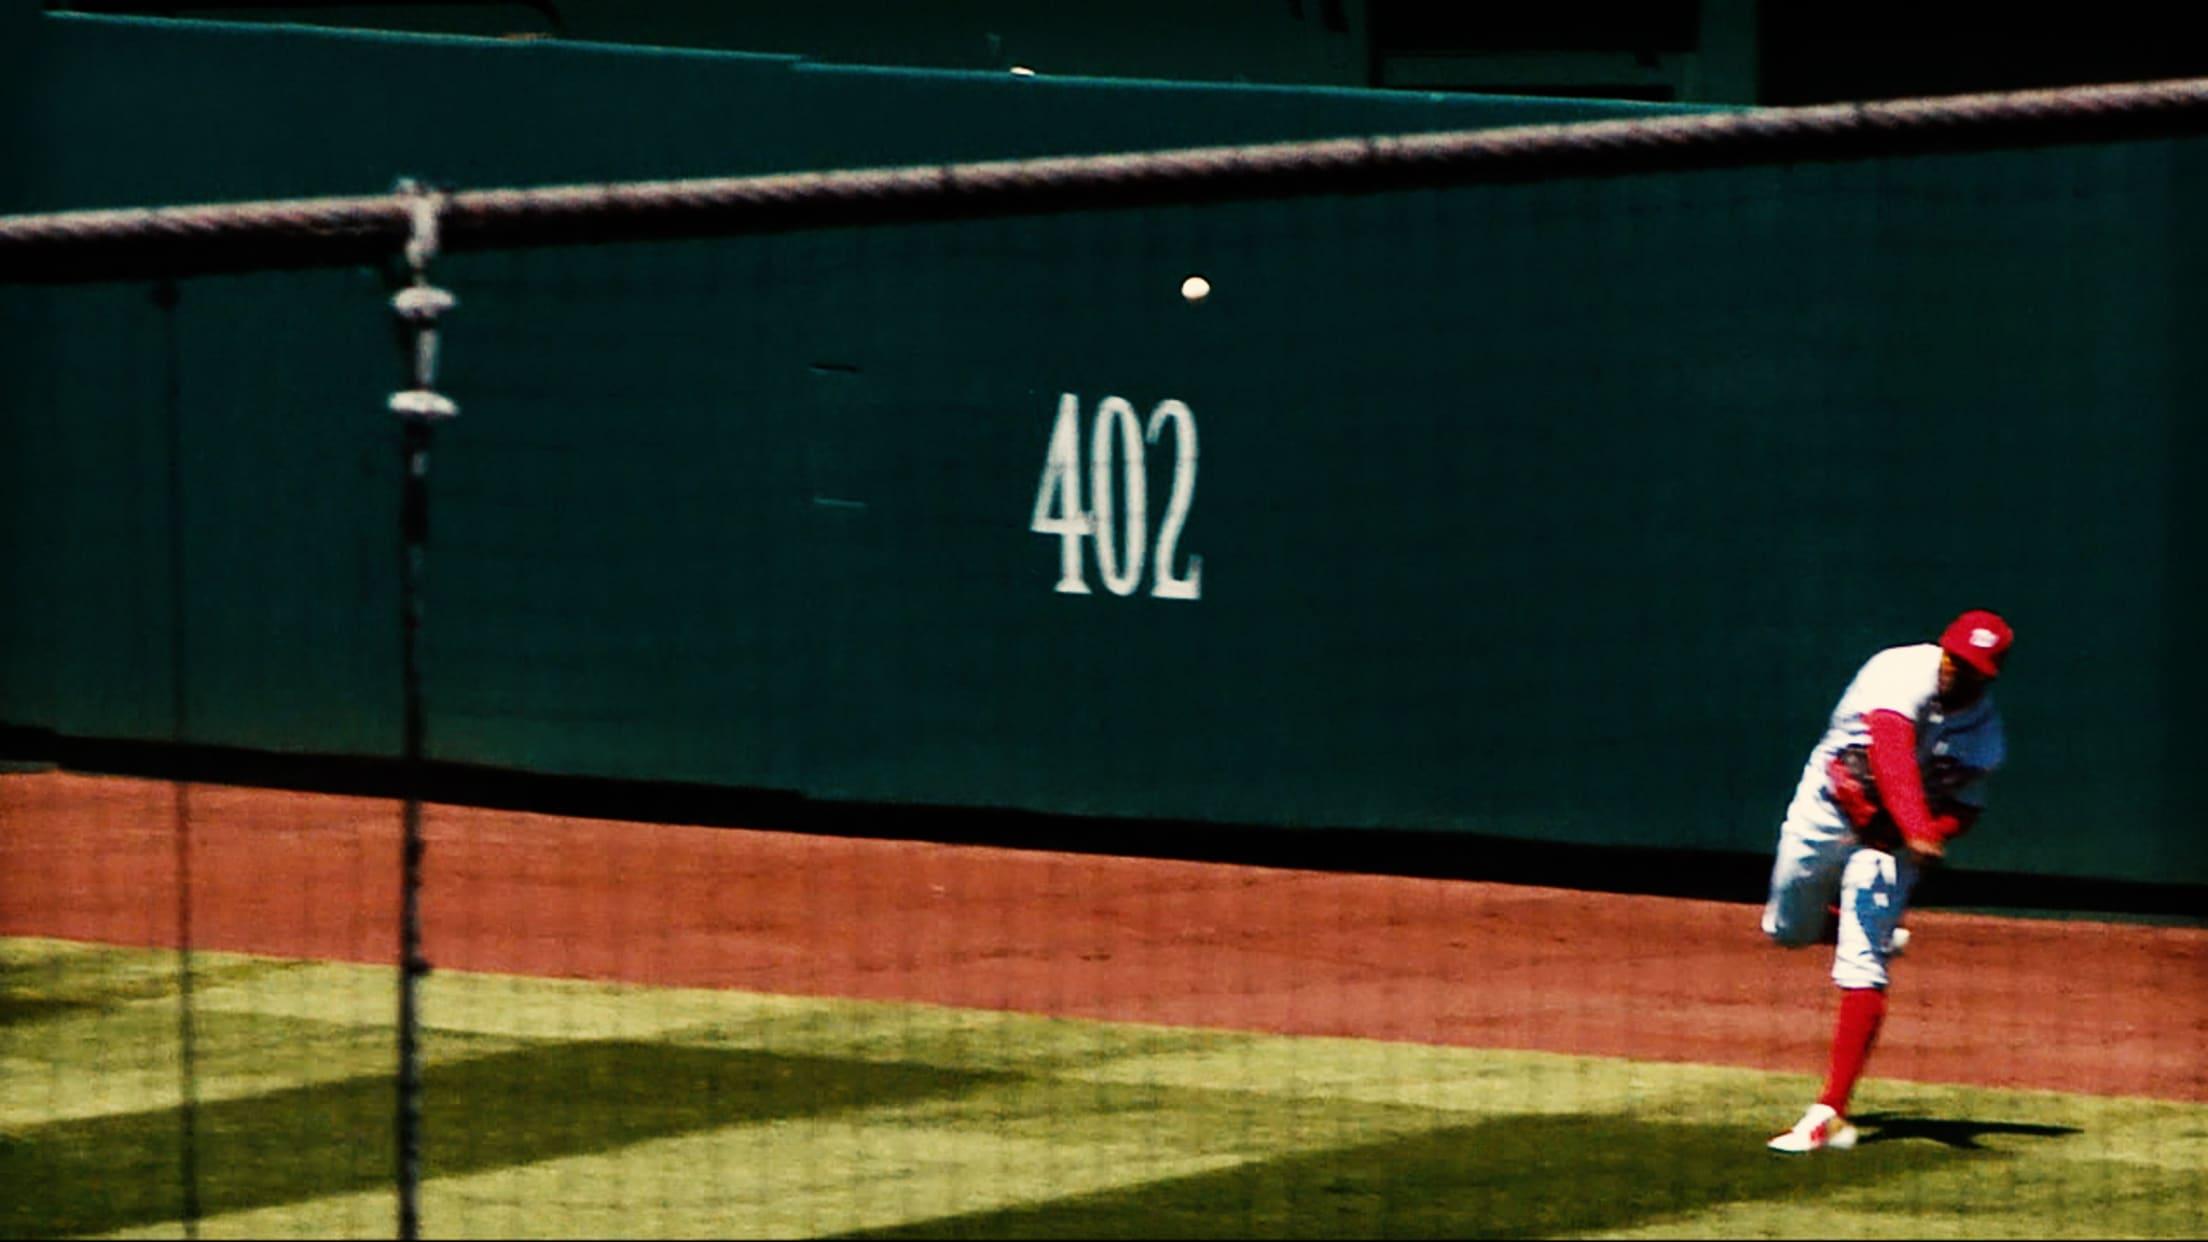 【MLB】今日のファインプレイ集 4.19